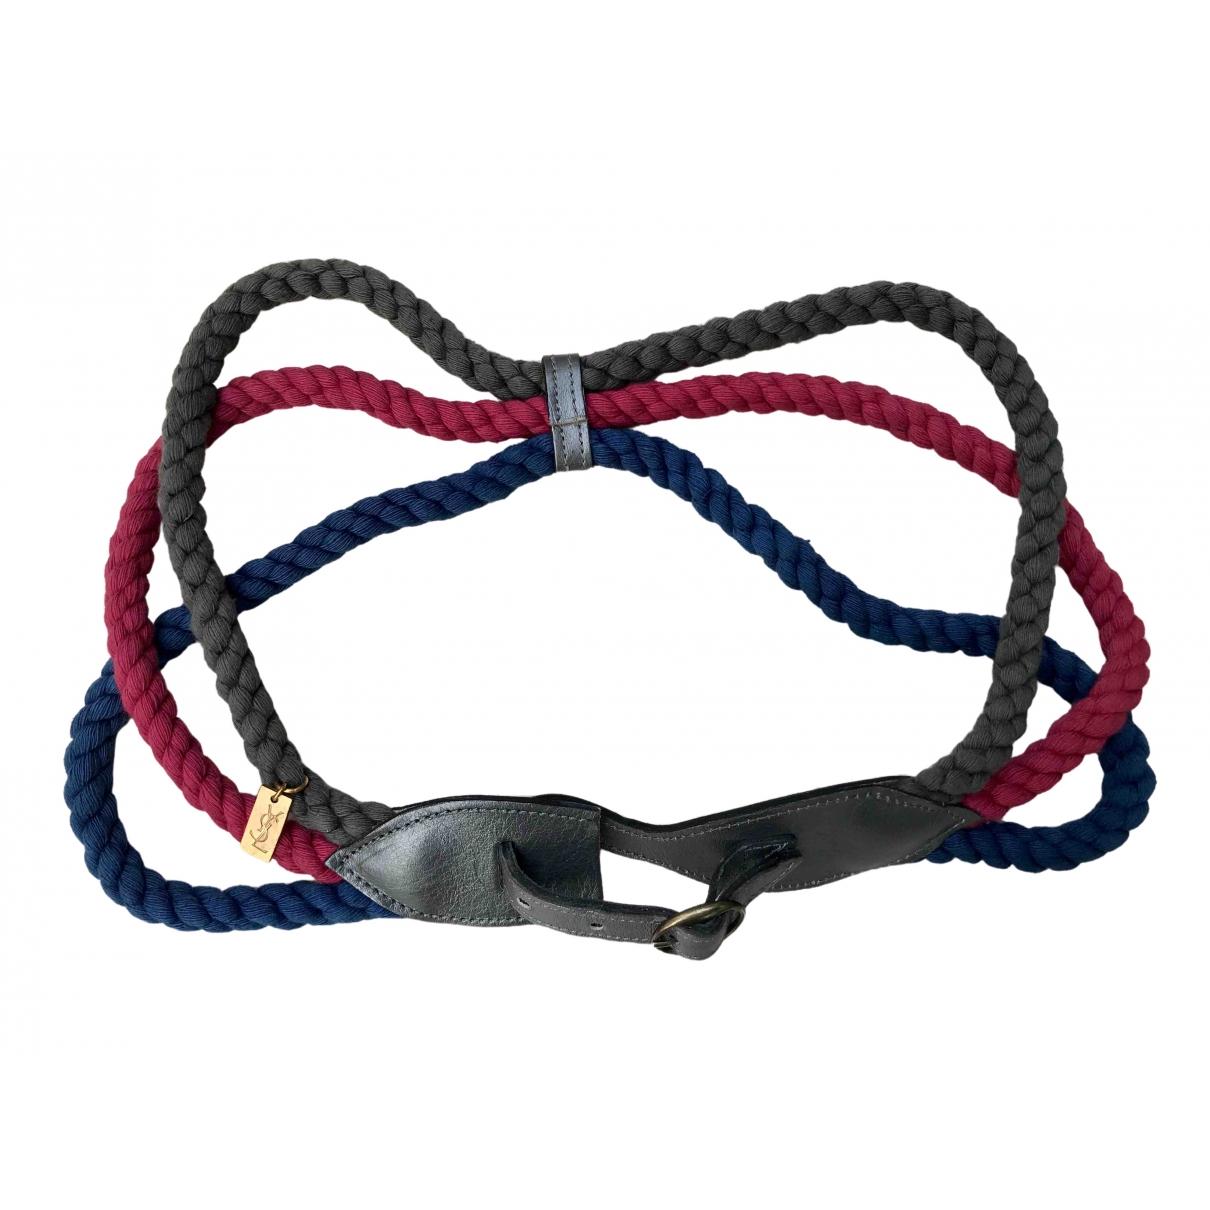 Yves Saint Laurent \N Multicolour Cotton belt for Women M International